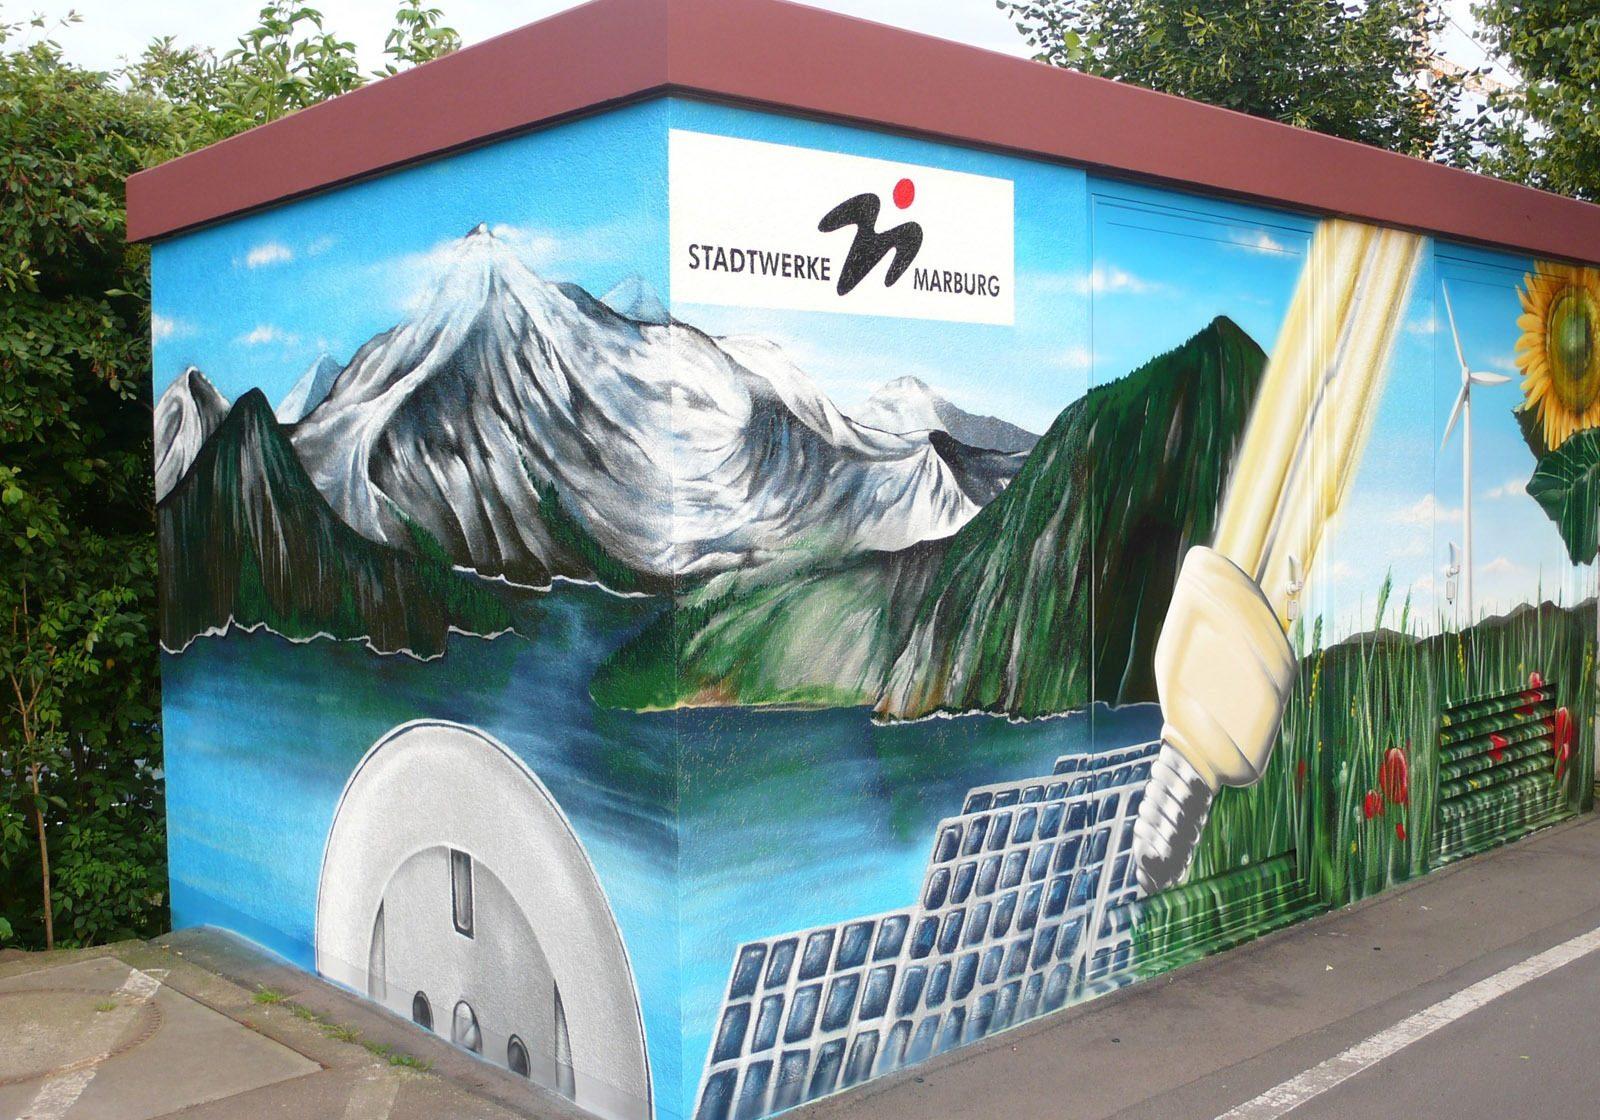 graffitiauftrag-graffitikuenstler-artmos4-stadtwerke-marburg-landschaft-pflanzen-fotorealistisch-energie